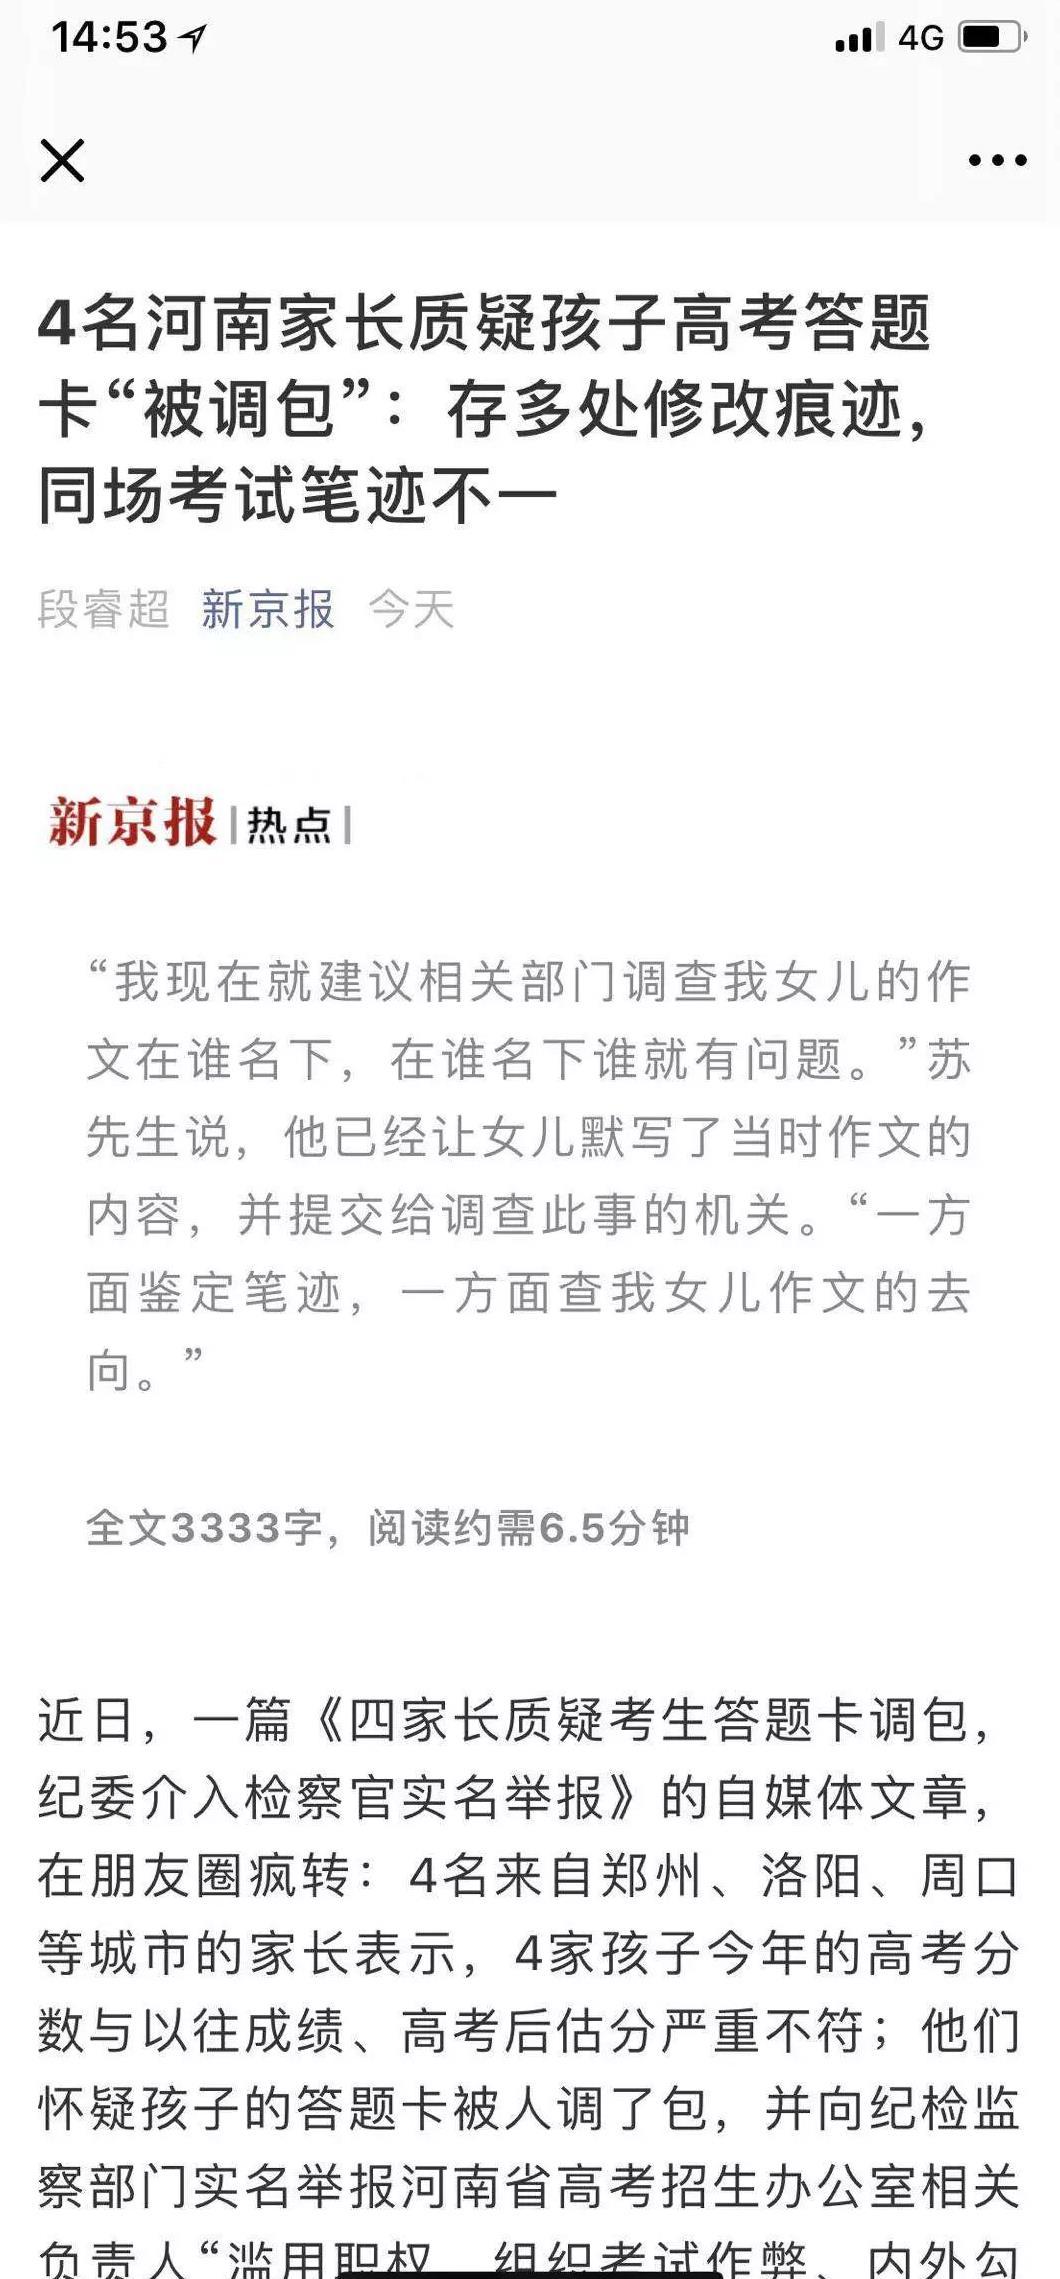 """河南高考卷""""被掉包"""":这样的事情很多人信,本身就是问题图片"""